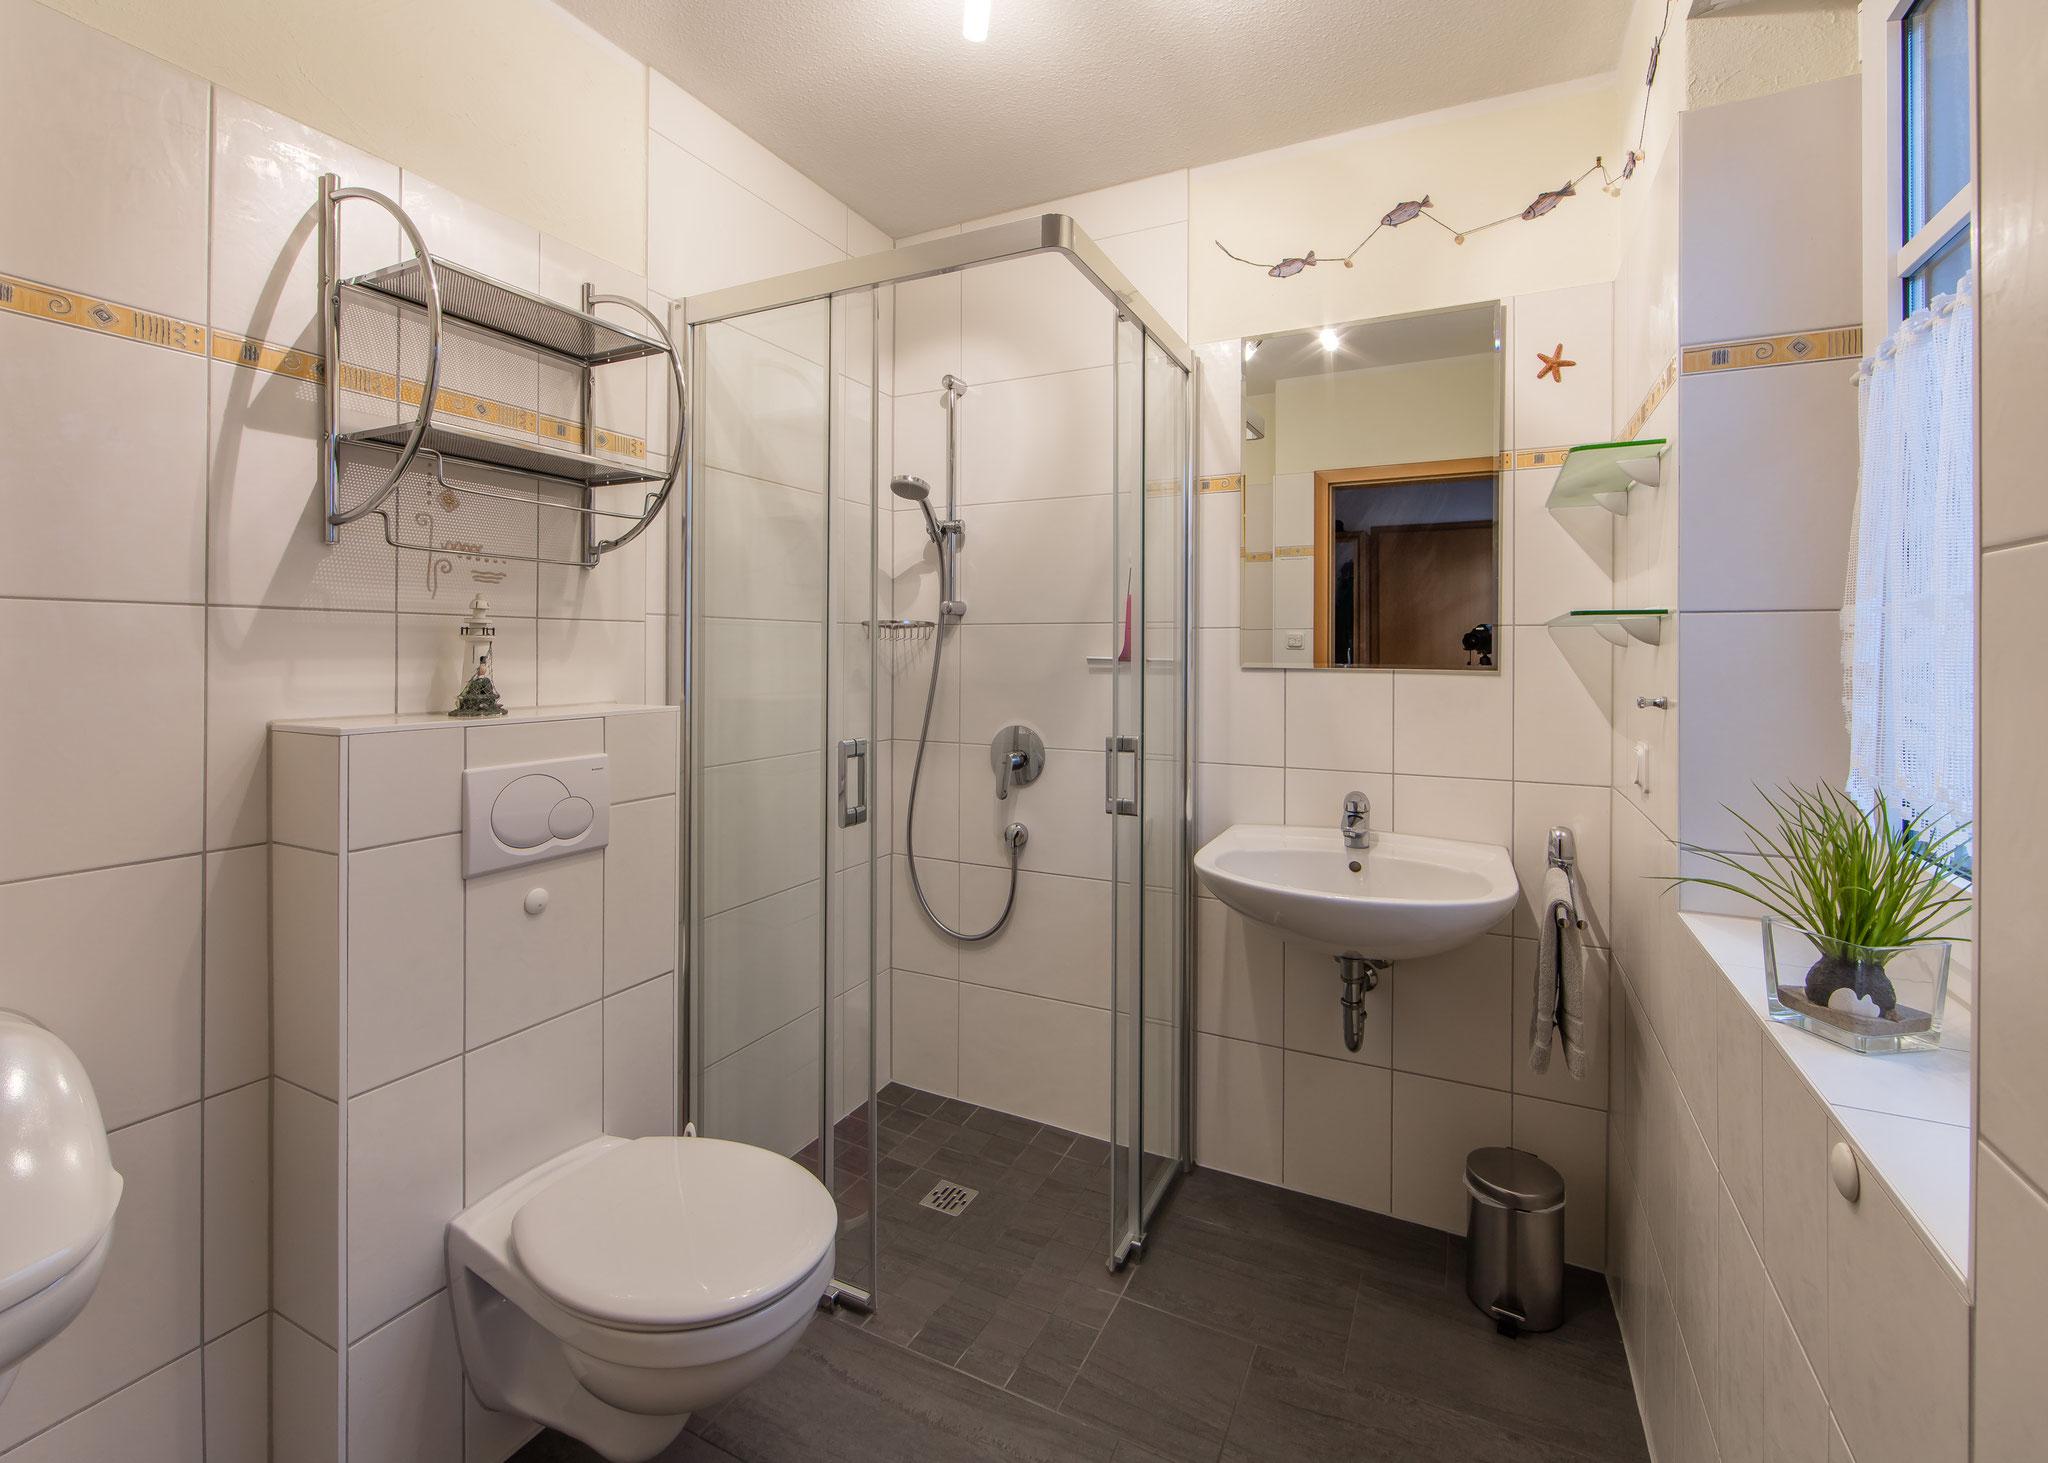 Das untere Badezimmer mit großzügiger Dusche, Urinal und Mückengitter